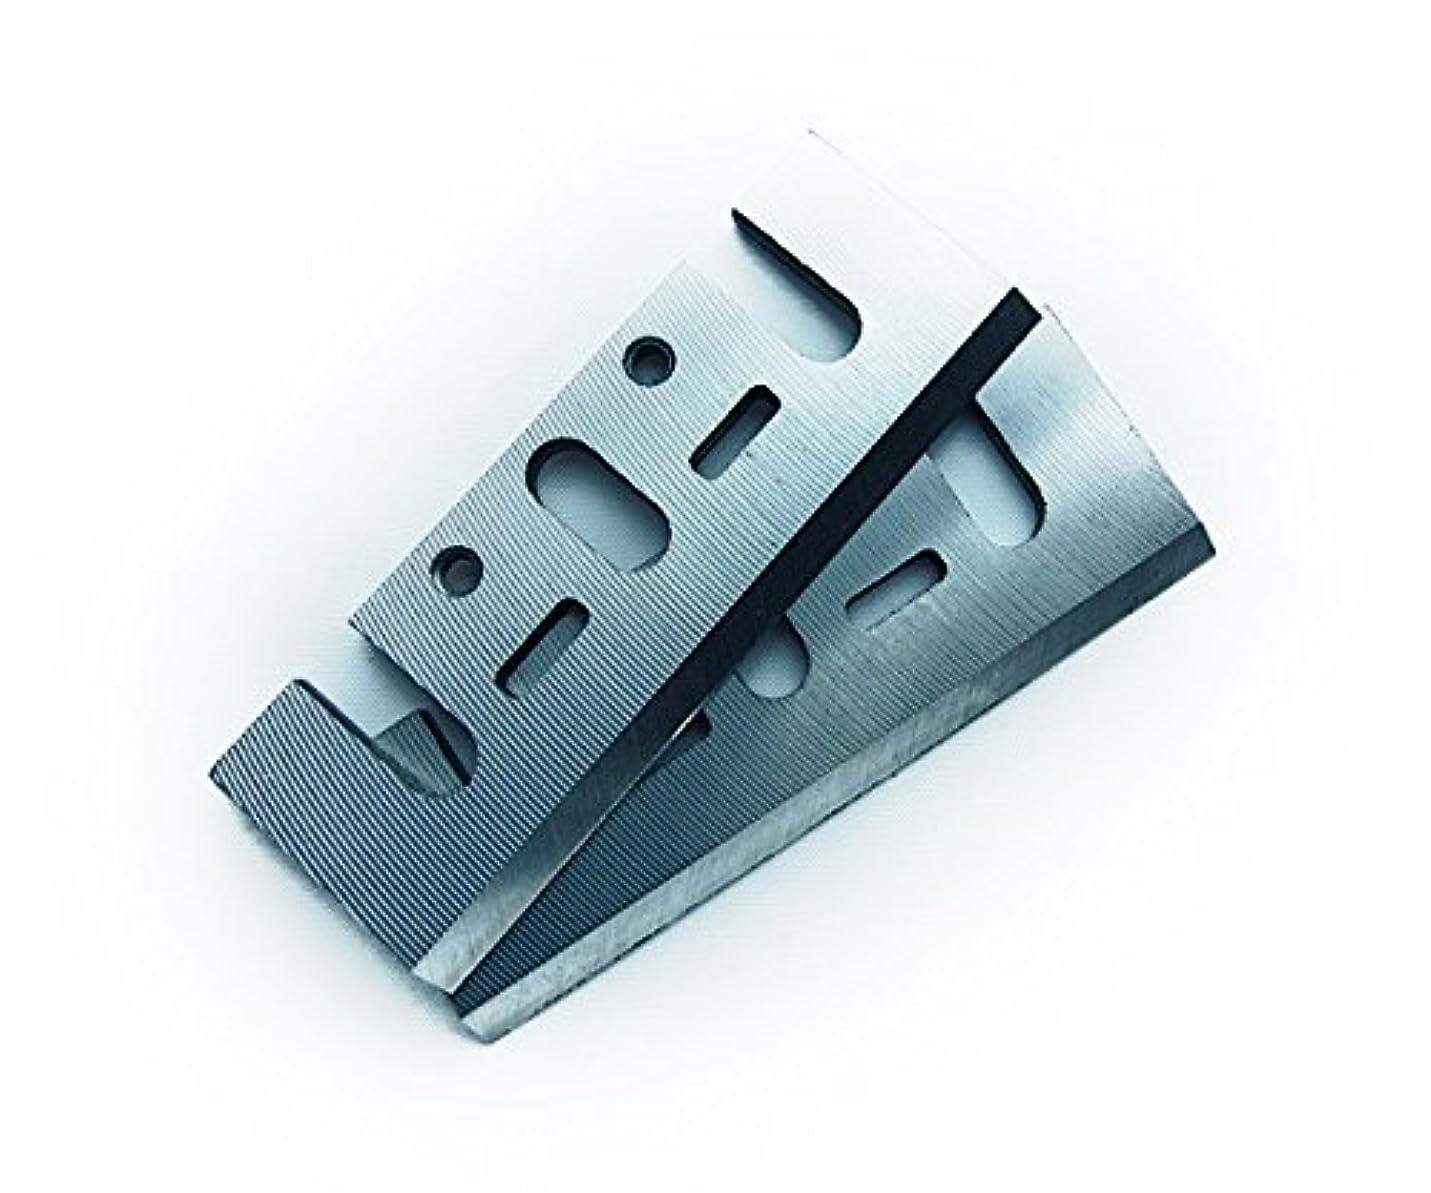 一元化する真剣に雑種UID(ユーアイディー)電気カンナ刃 マキタ電動カンナ1900B用ハイス刃